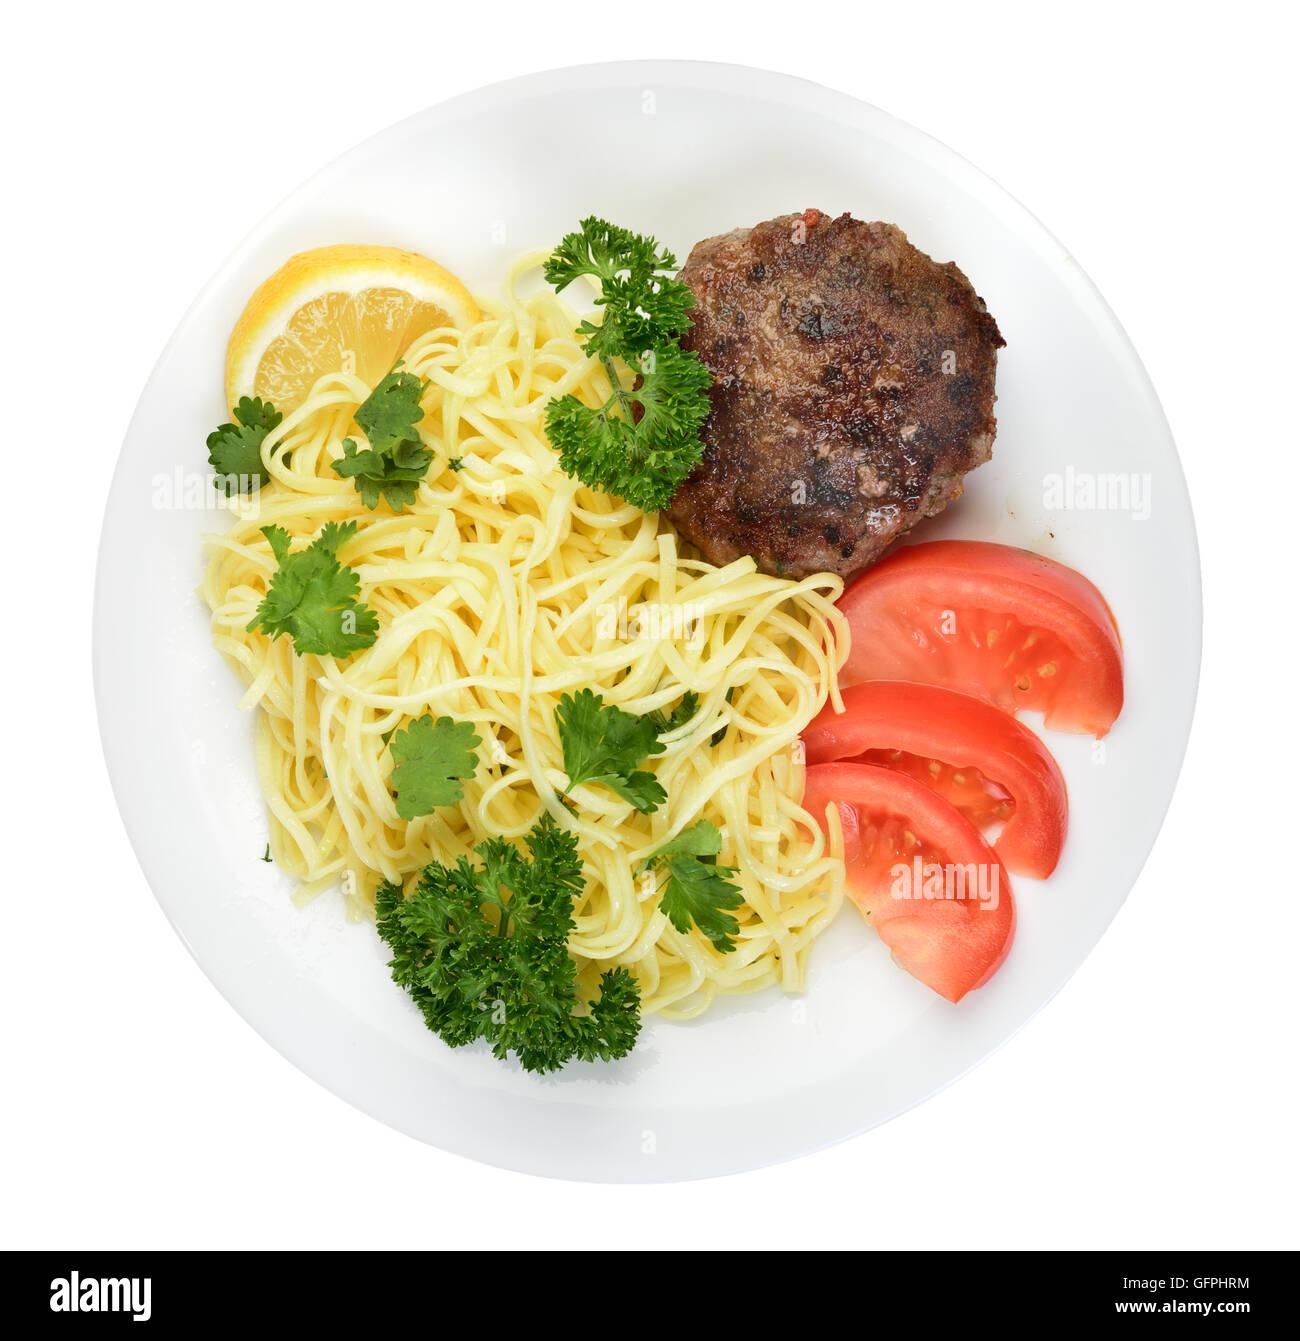 Spaghetti und Fleischbällchen auf Platte isoliert Draufsicht Stockbild